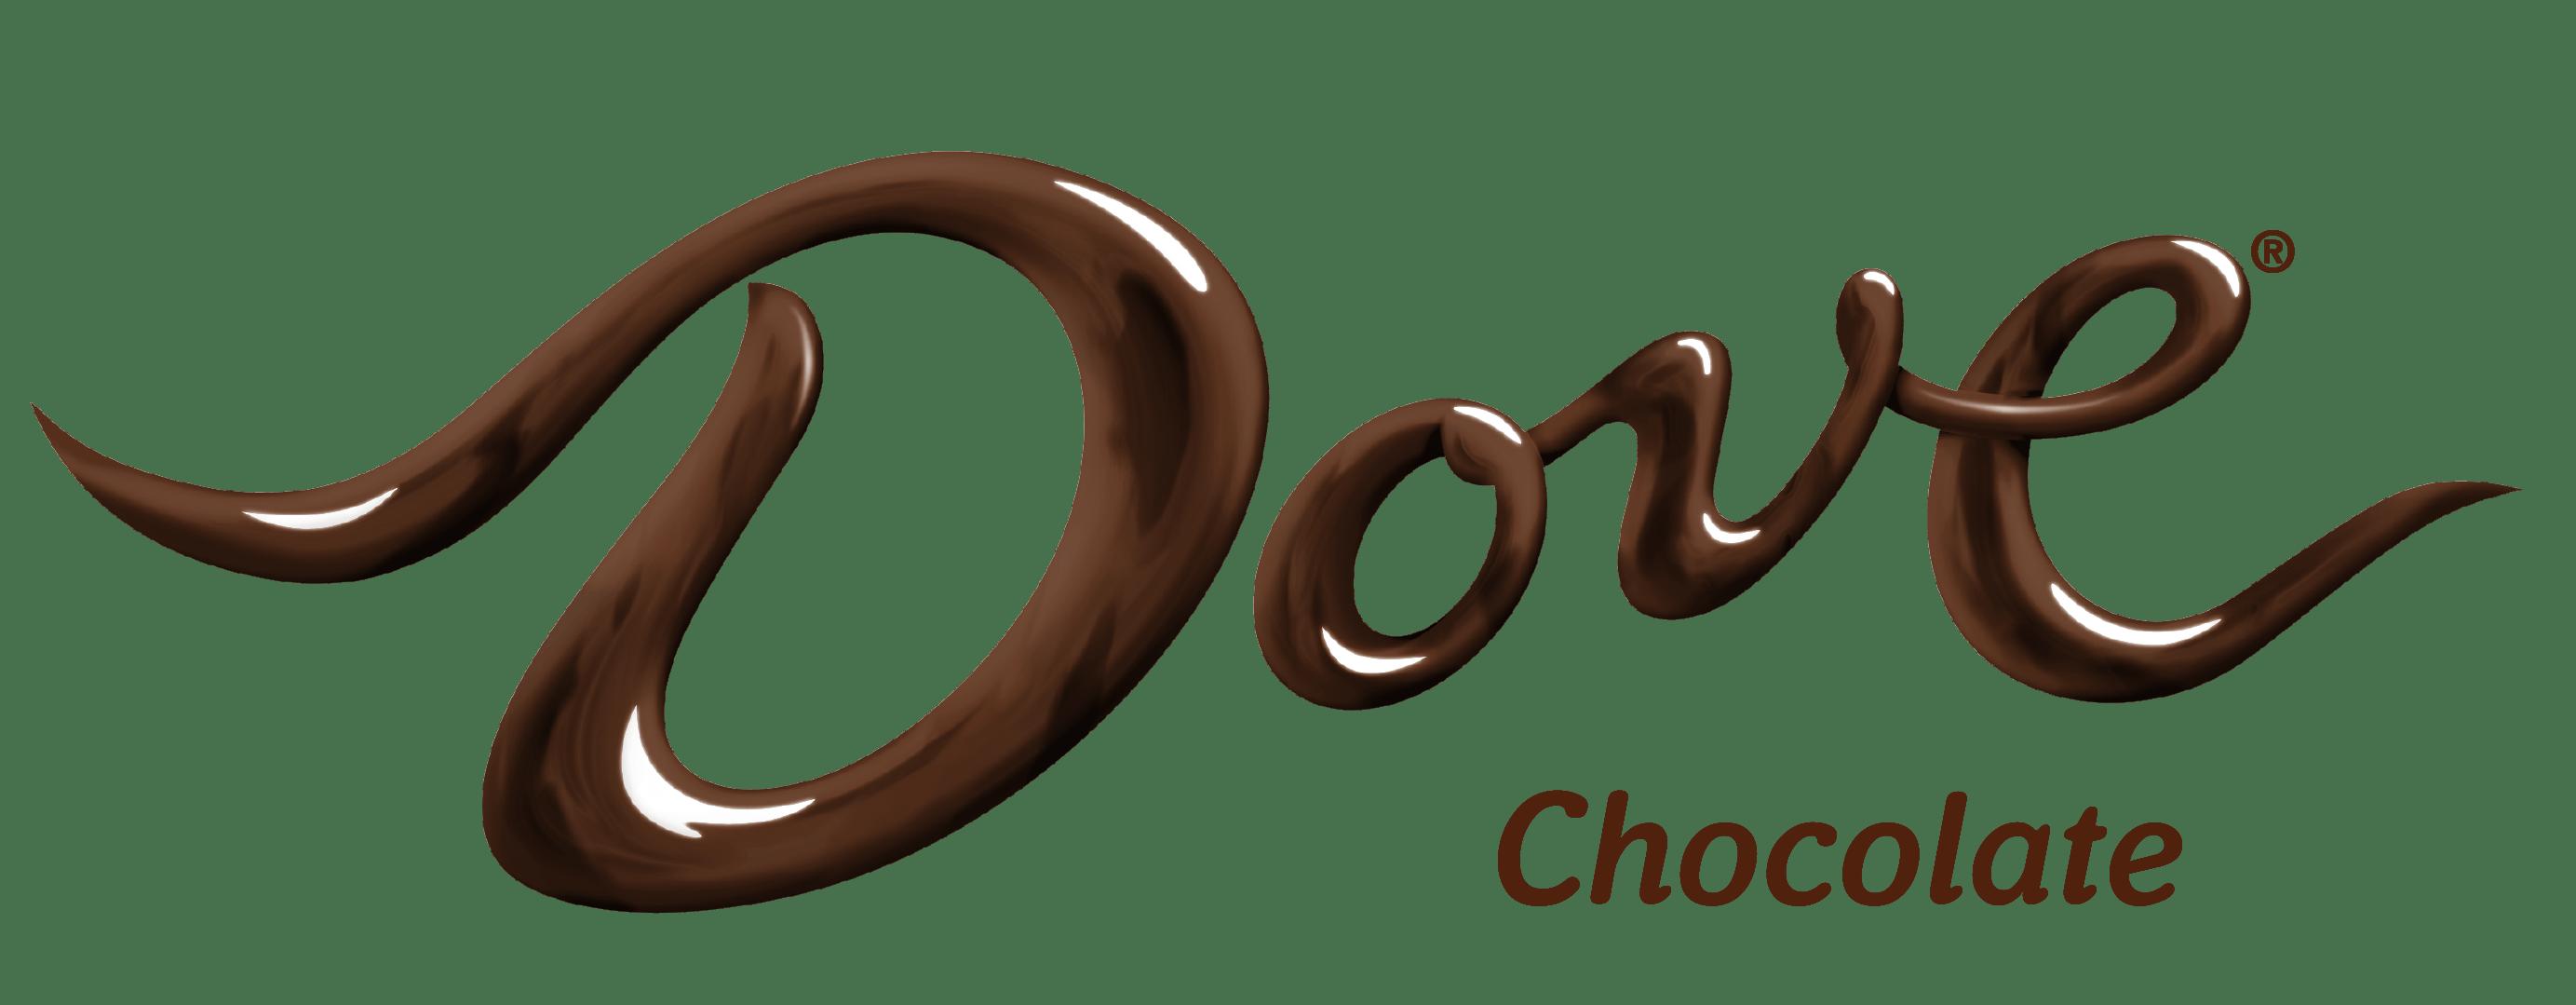 DoveChocLogo1